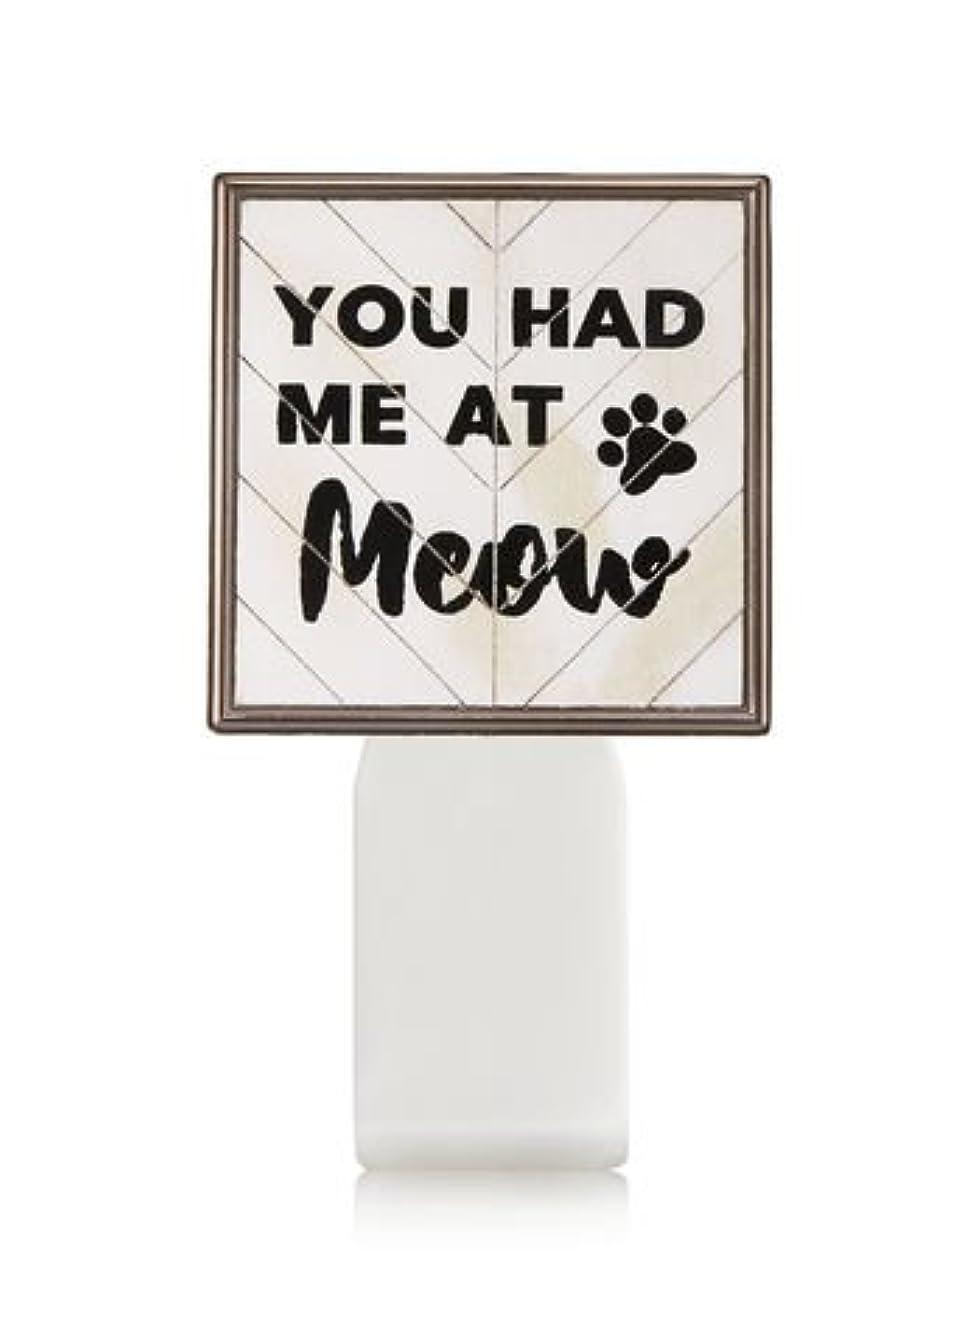 予報舌な色合い【Bath&Body Works/バス&ボディワークス】 ルームフレグランス プラグインスターター (本体のみ) キャット シールド Wallflowers Fragrance Plug You Had Me At Meow [並行輸入品]